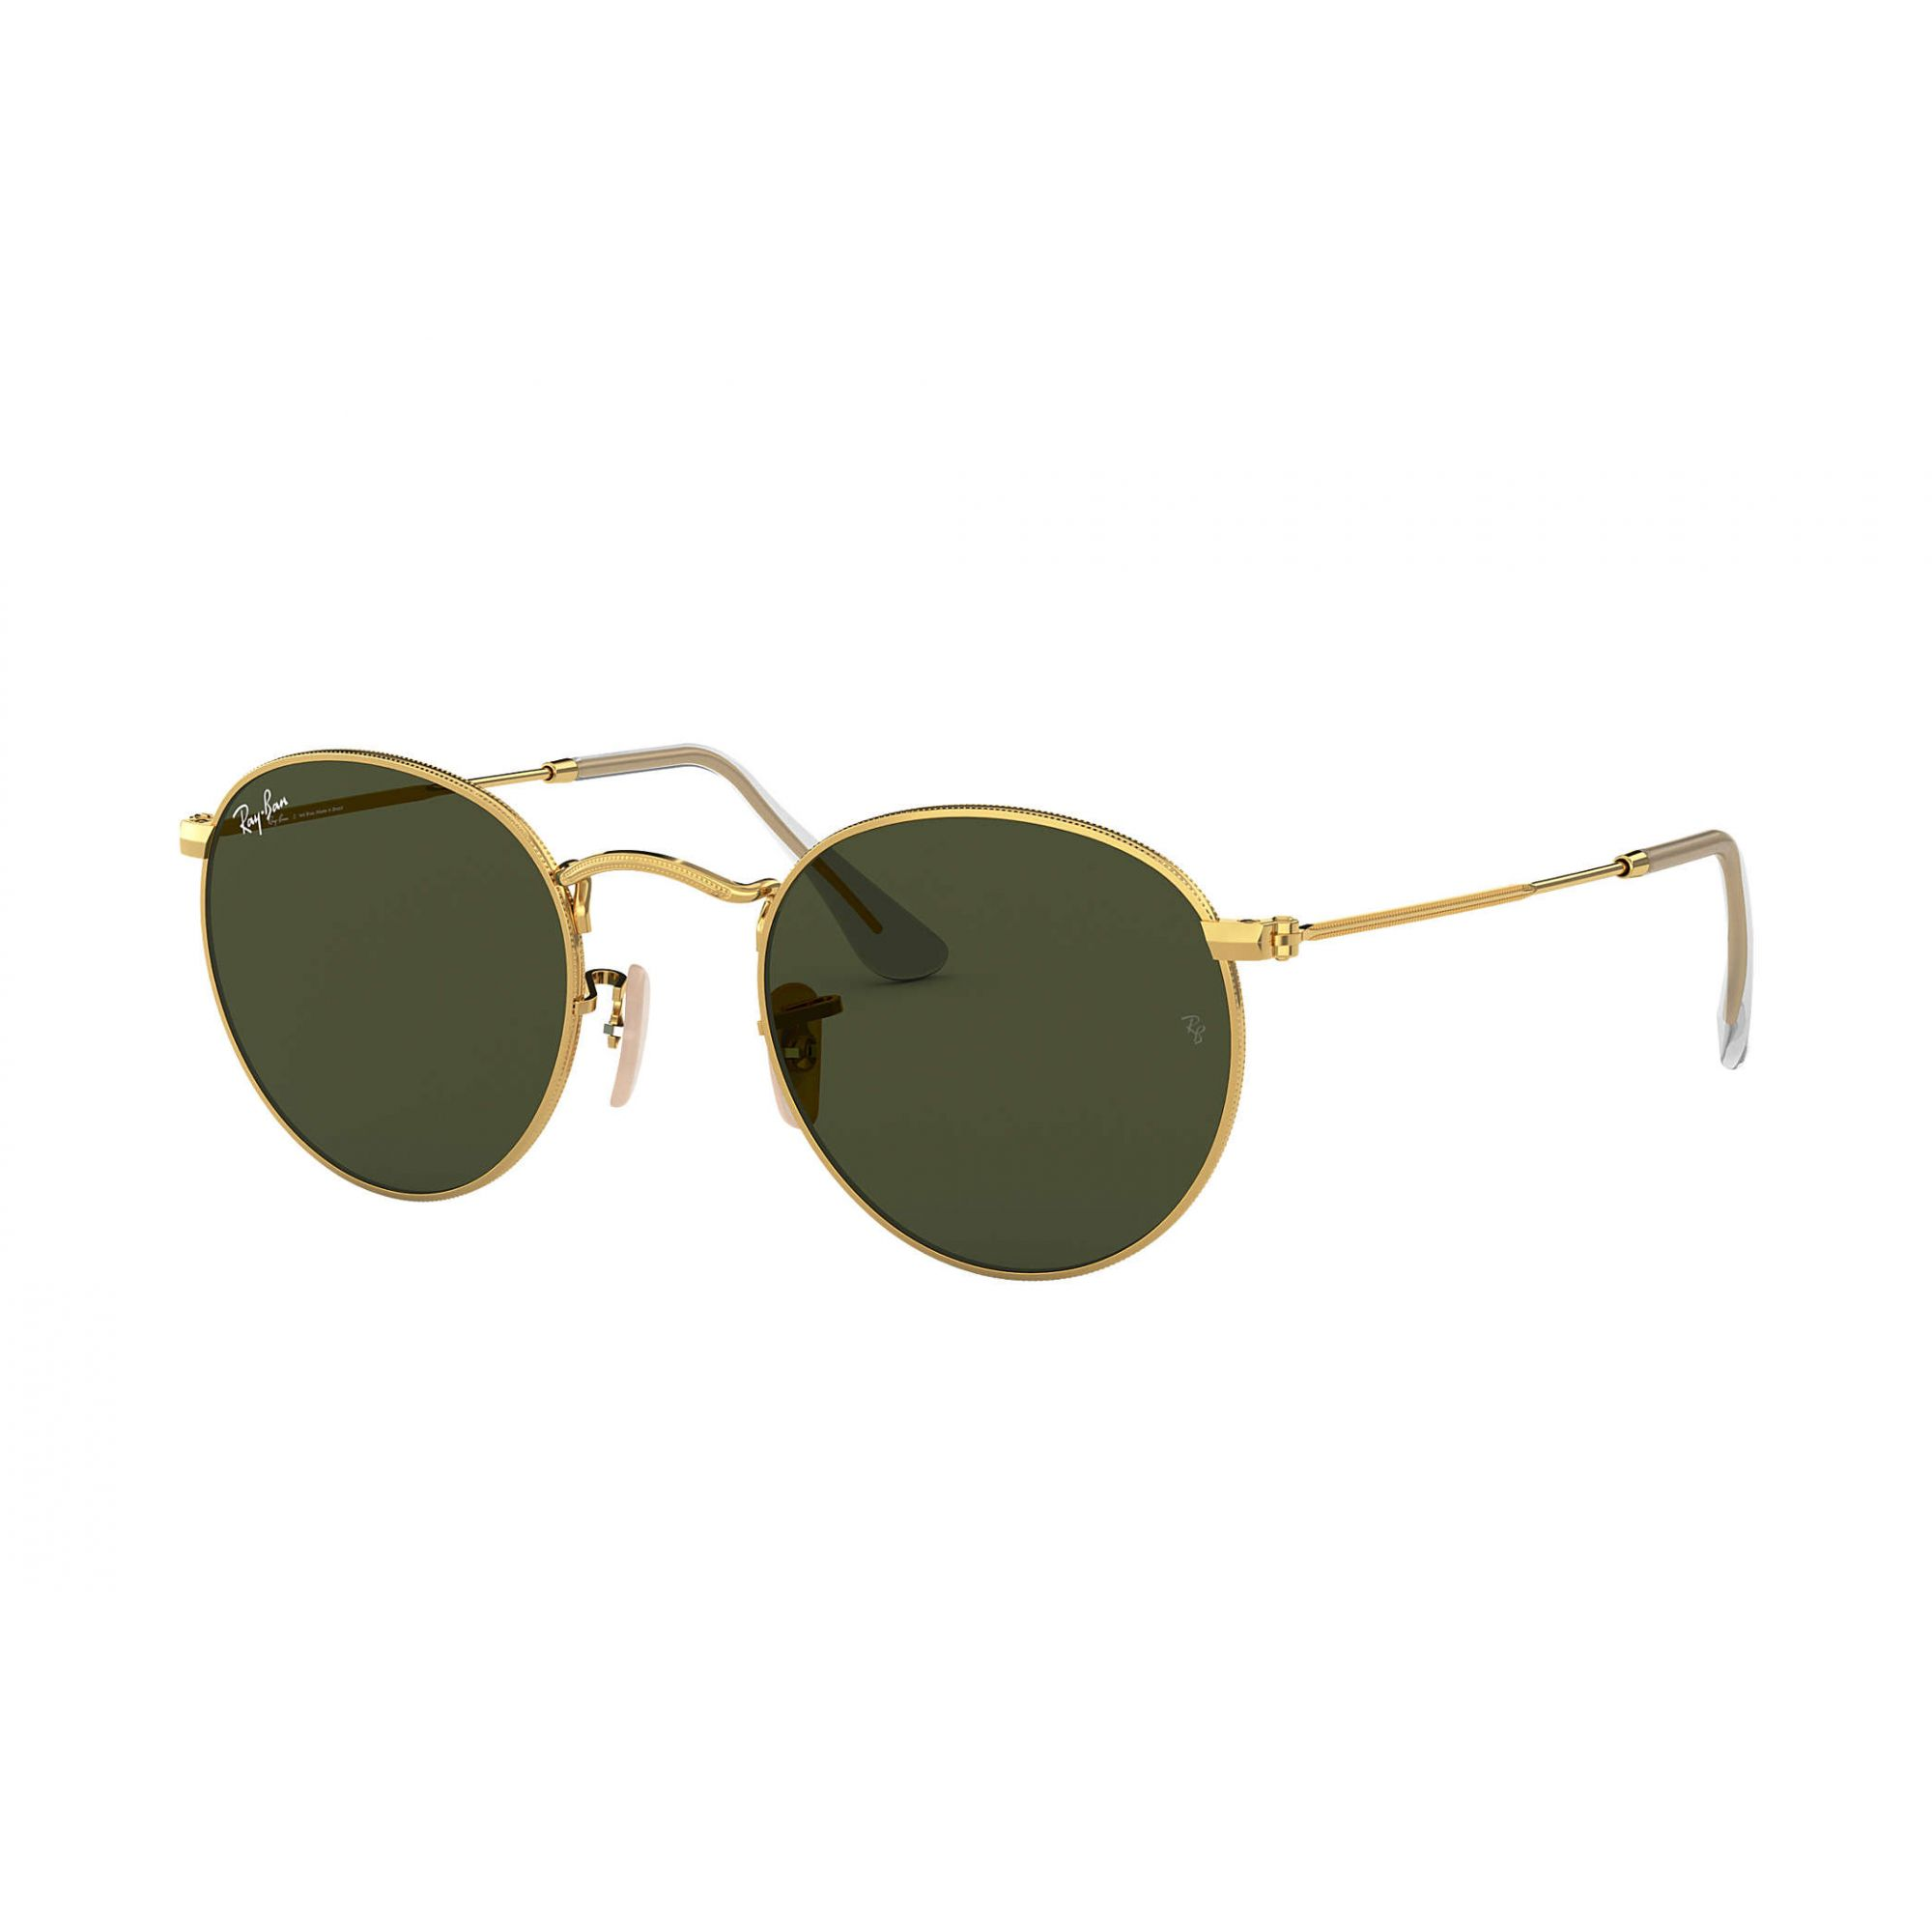 Ray Ban - RB3447L 001 - Óculos de sol